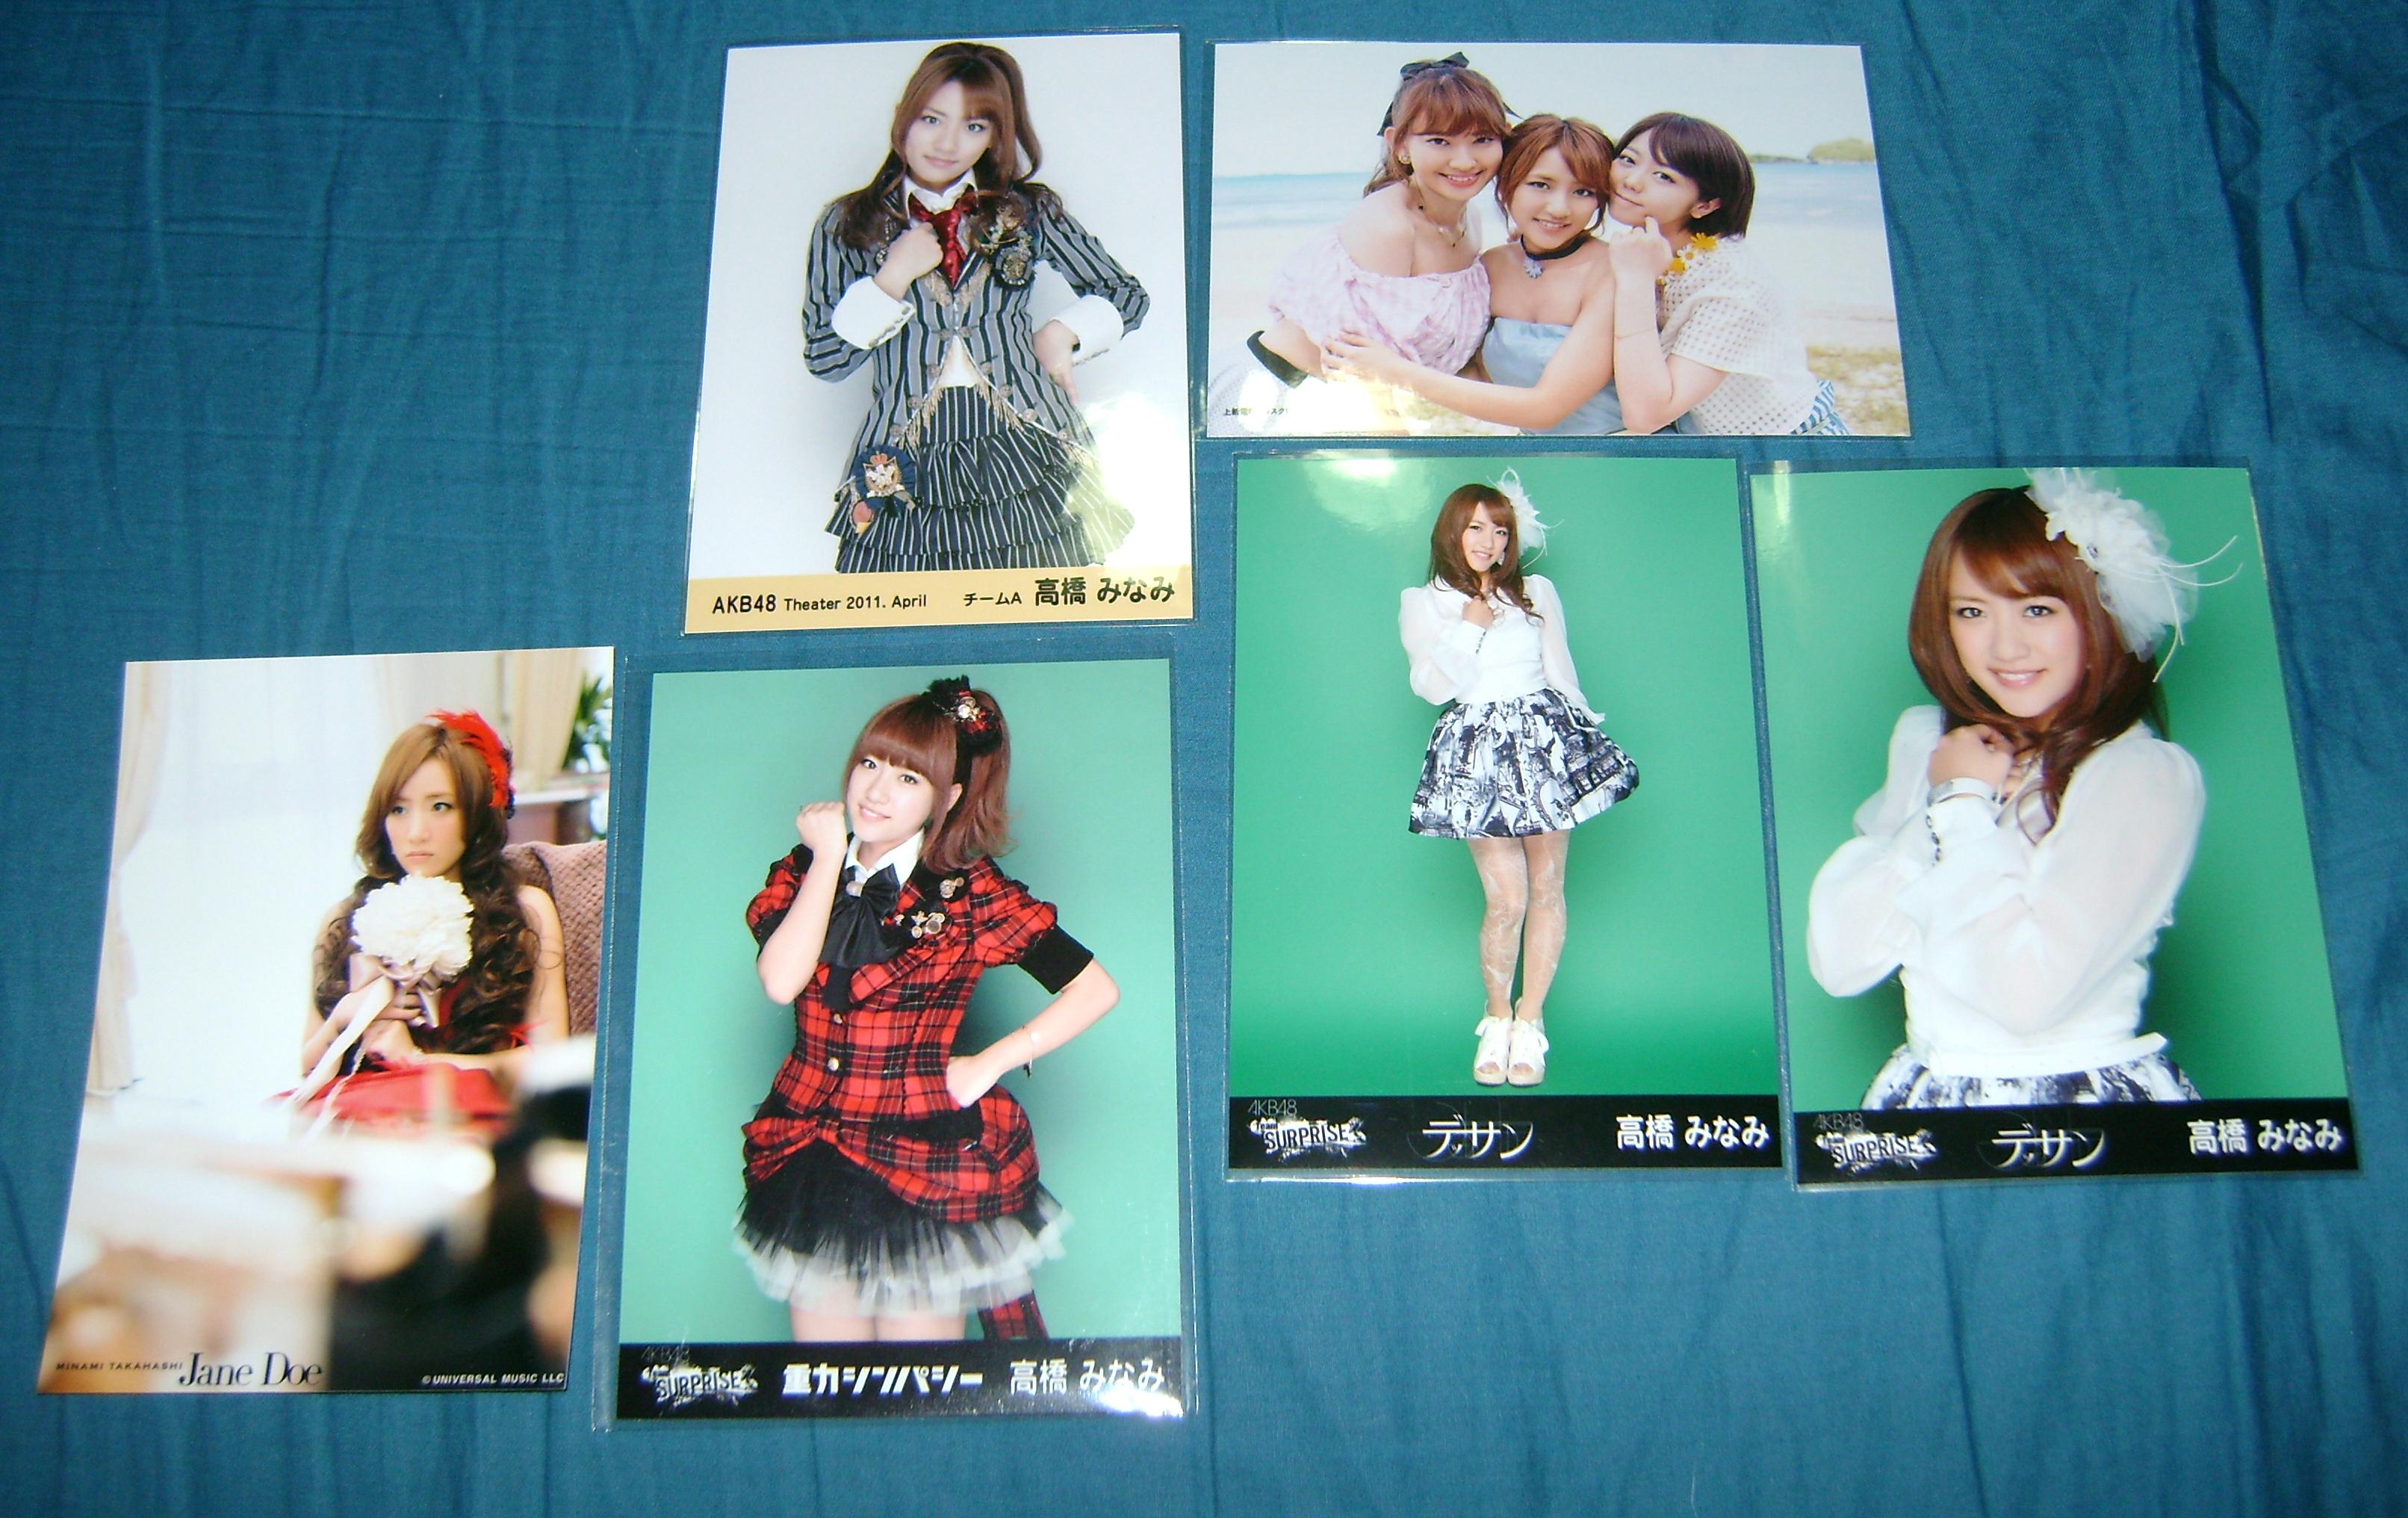 Minami Photos AKB48, A Musical Collection; Part 5!